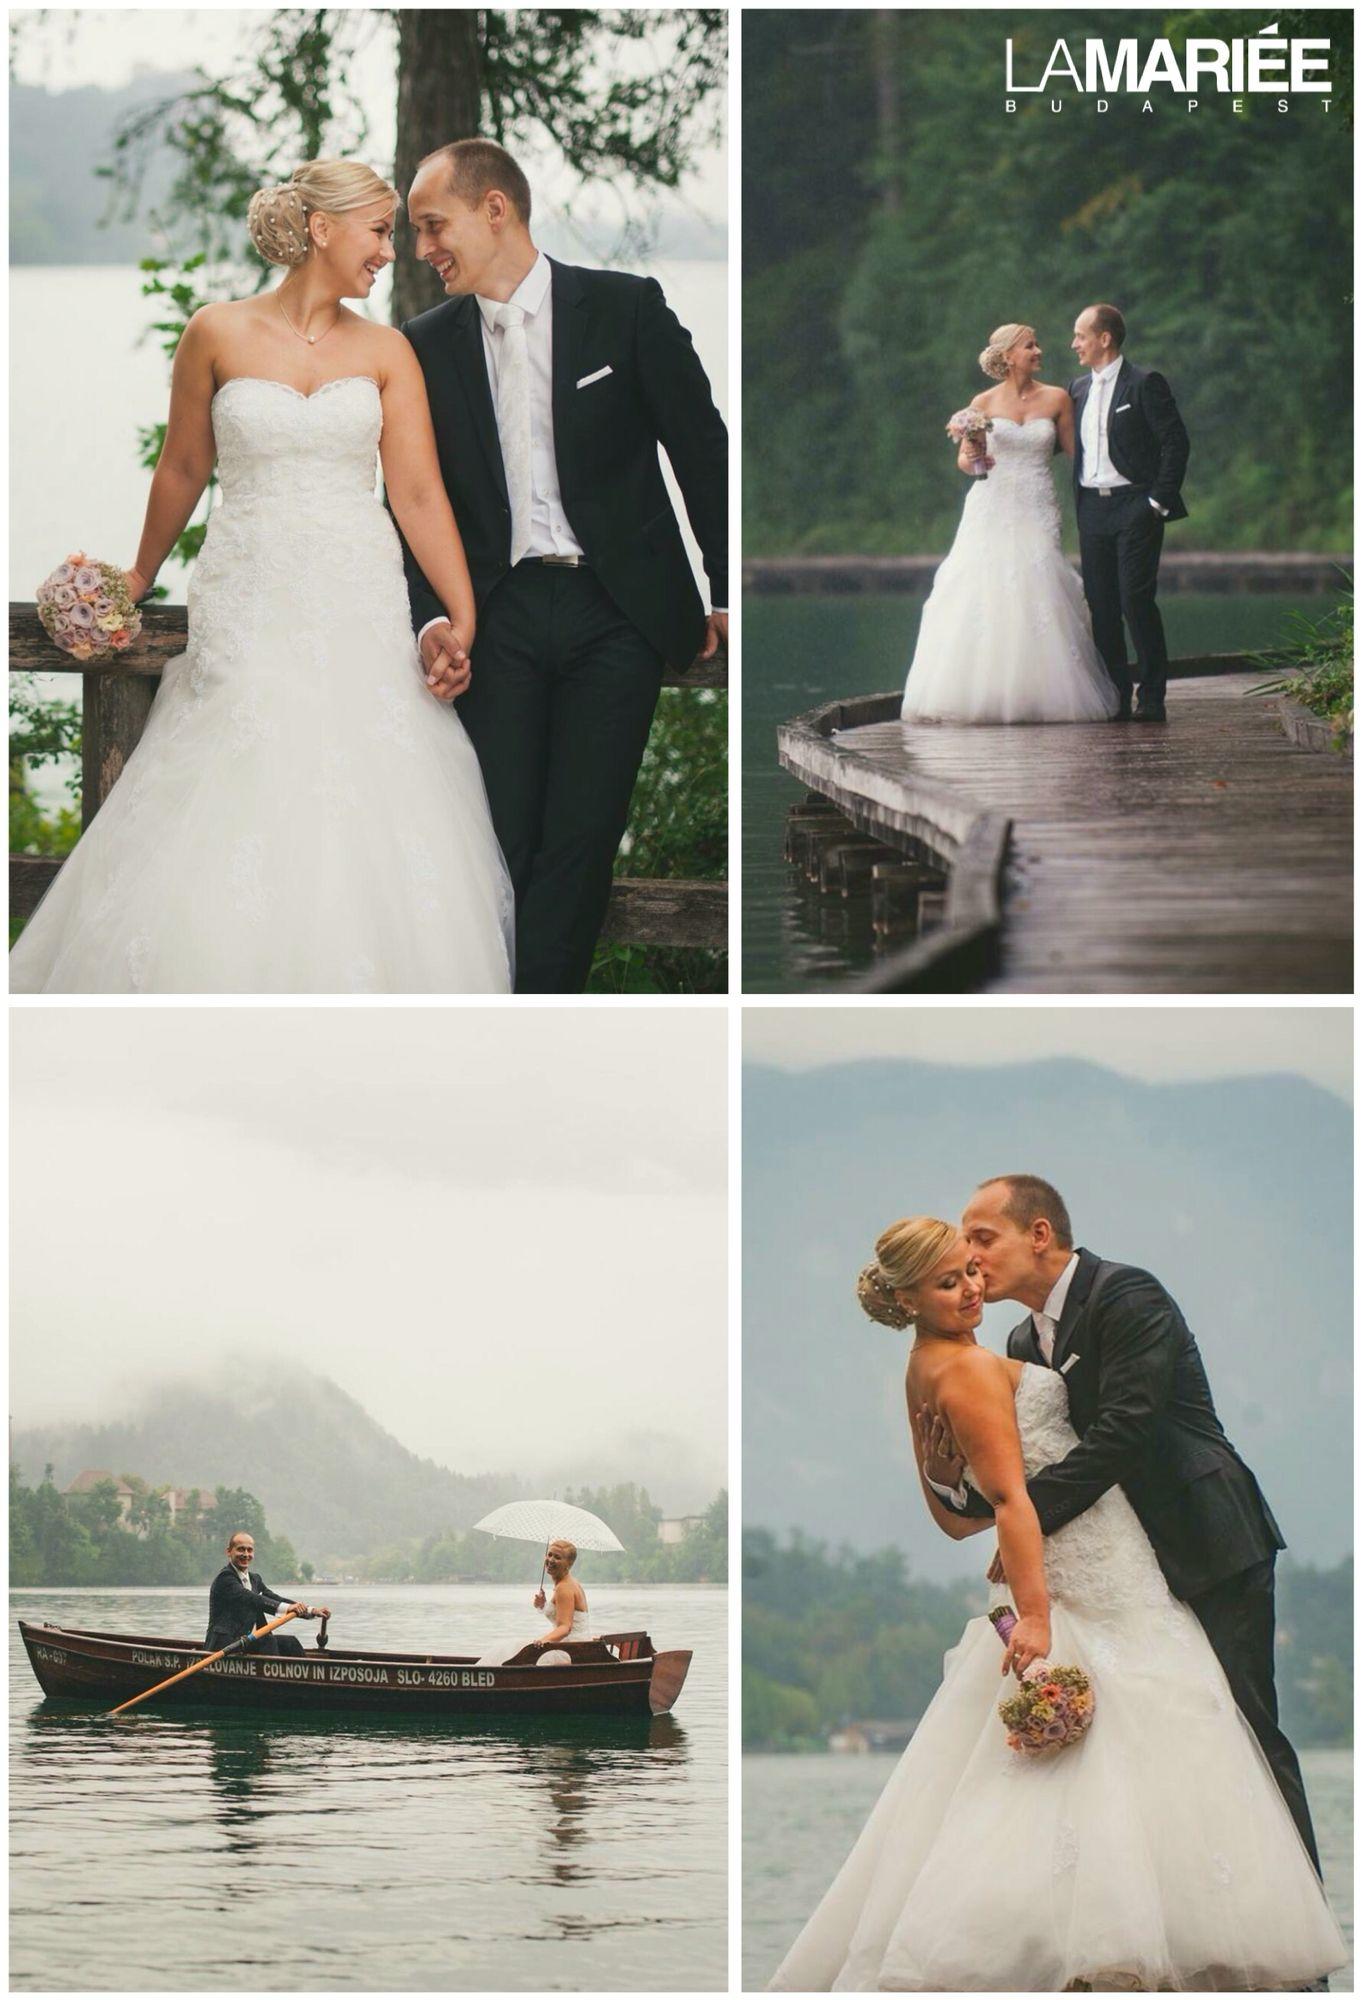 Bimba esküvői ruha - Pronovias kollekció - Lilla menyasszonyunk  http   mobile.lamariee 5db237eeba